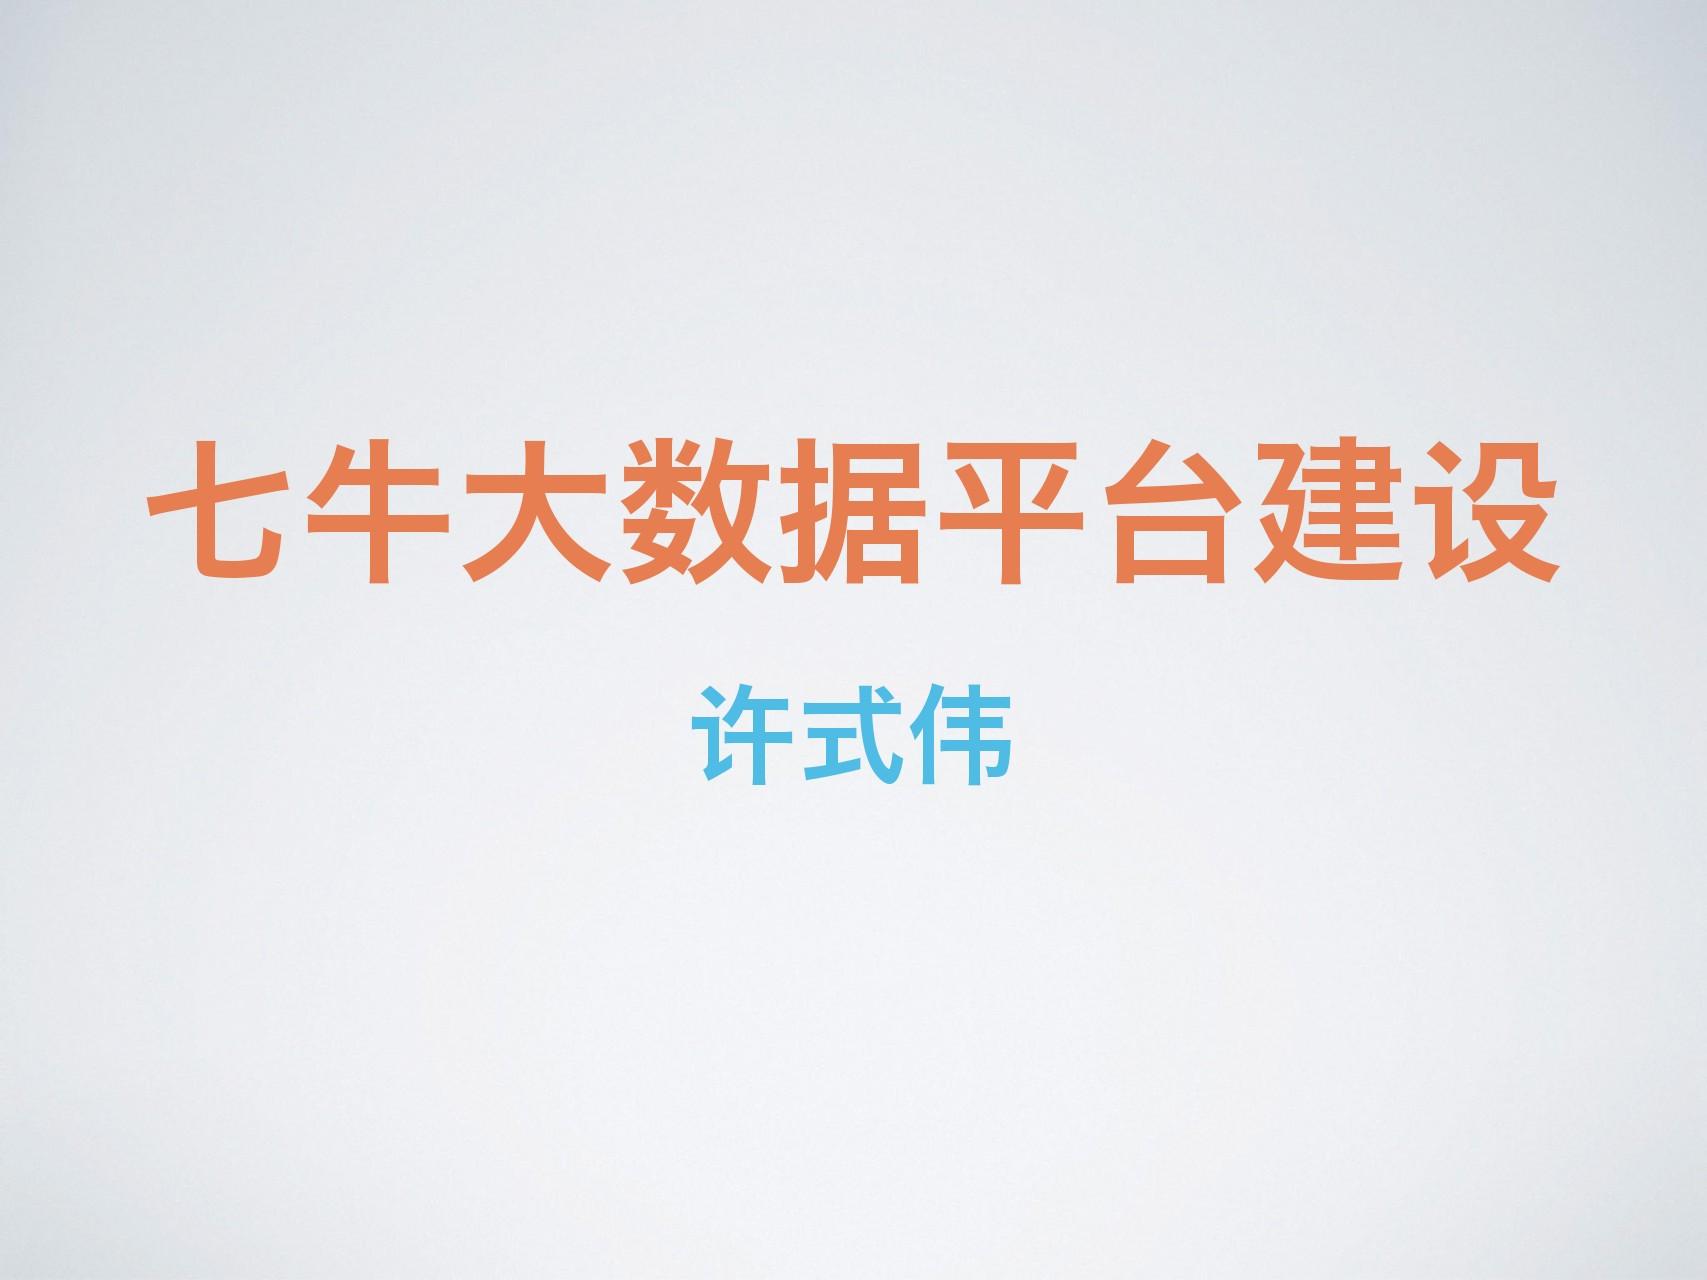 许式伟-七牛大数据平台建设